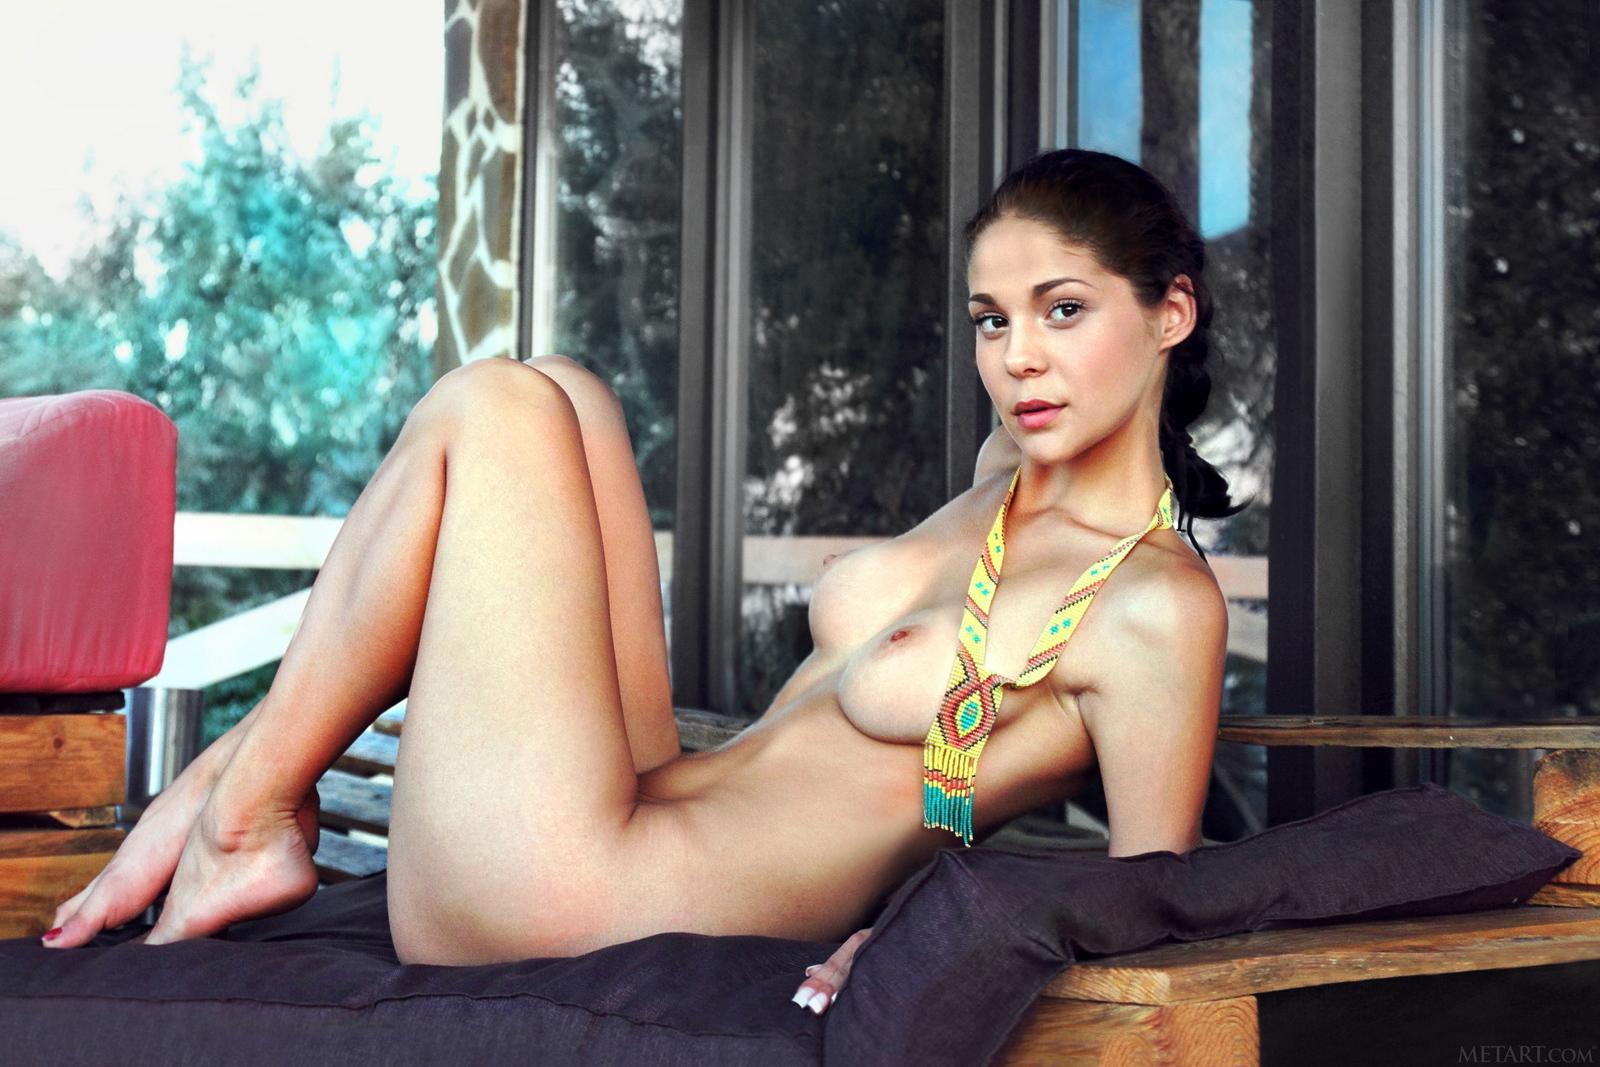 cаllistа-b-nude-denim-dungarees-brunette-met-art-40